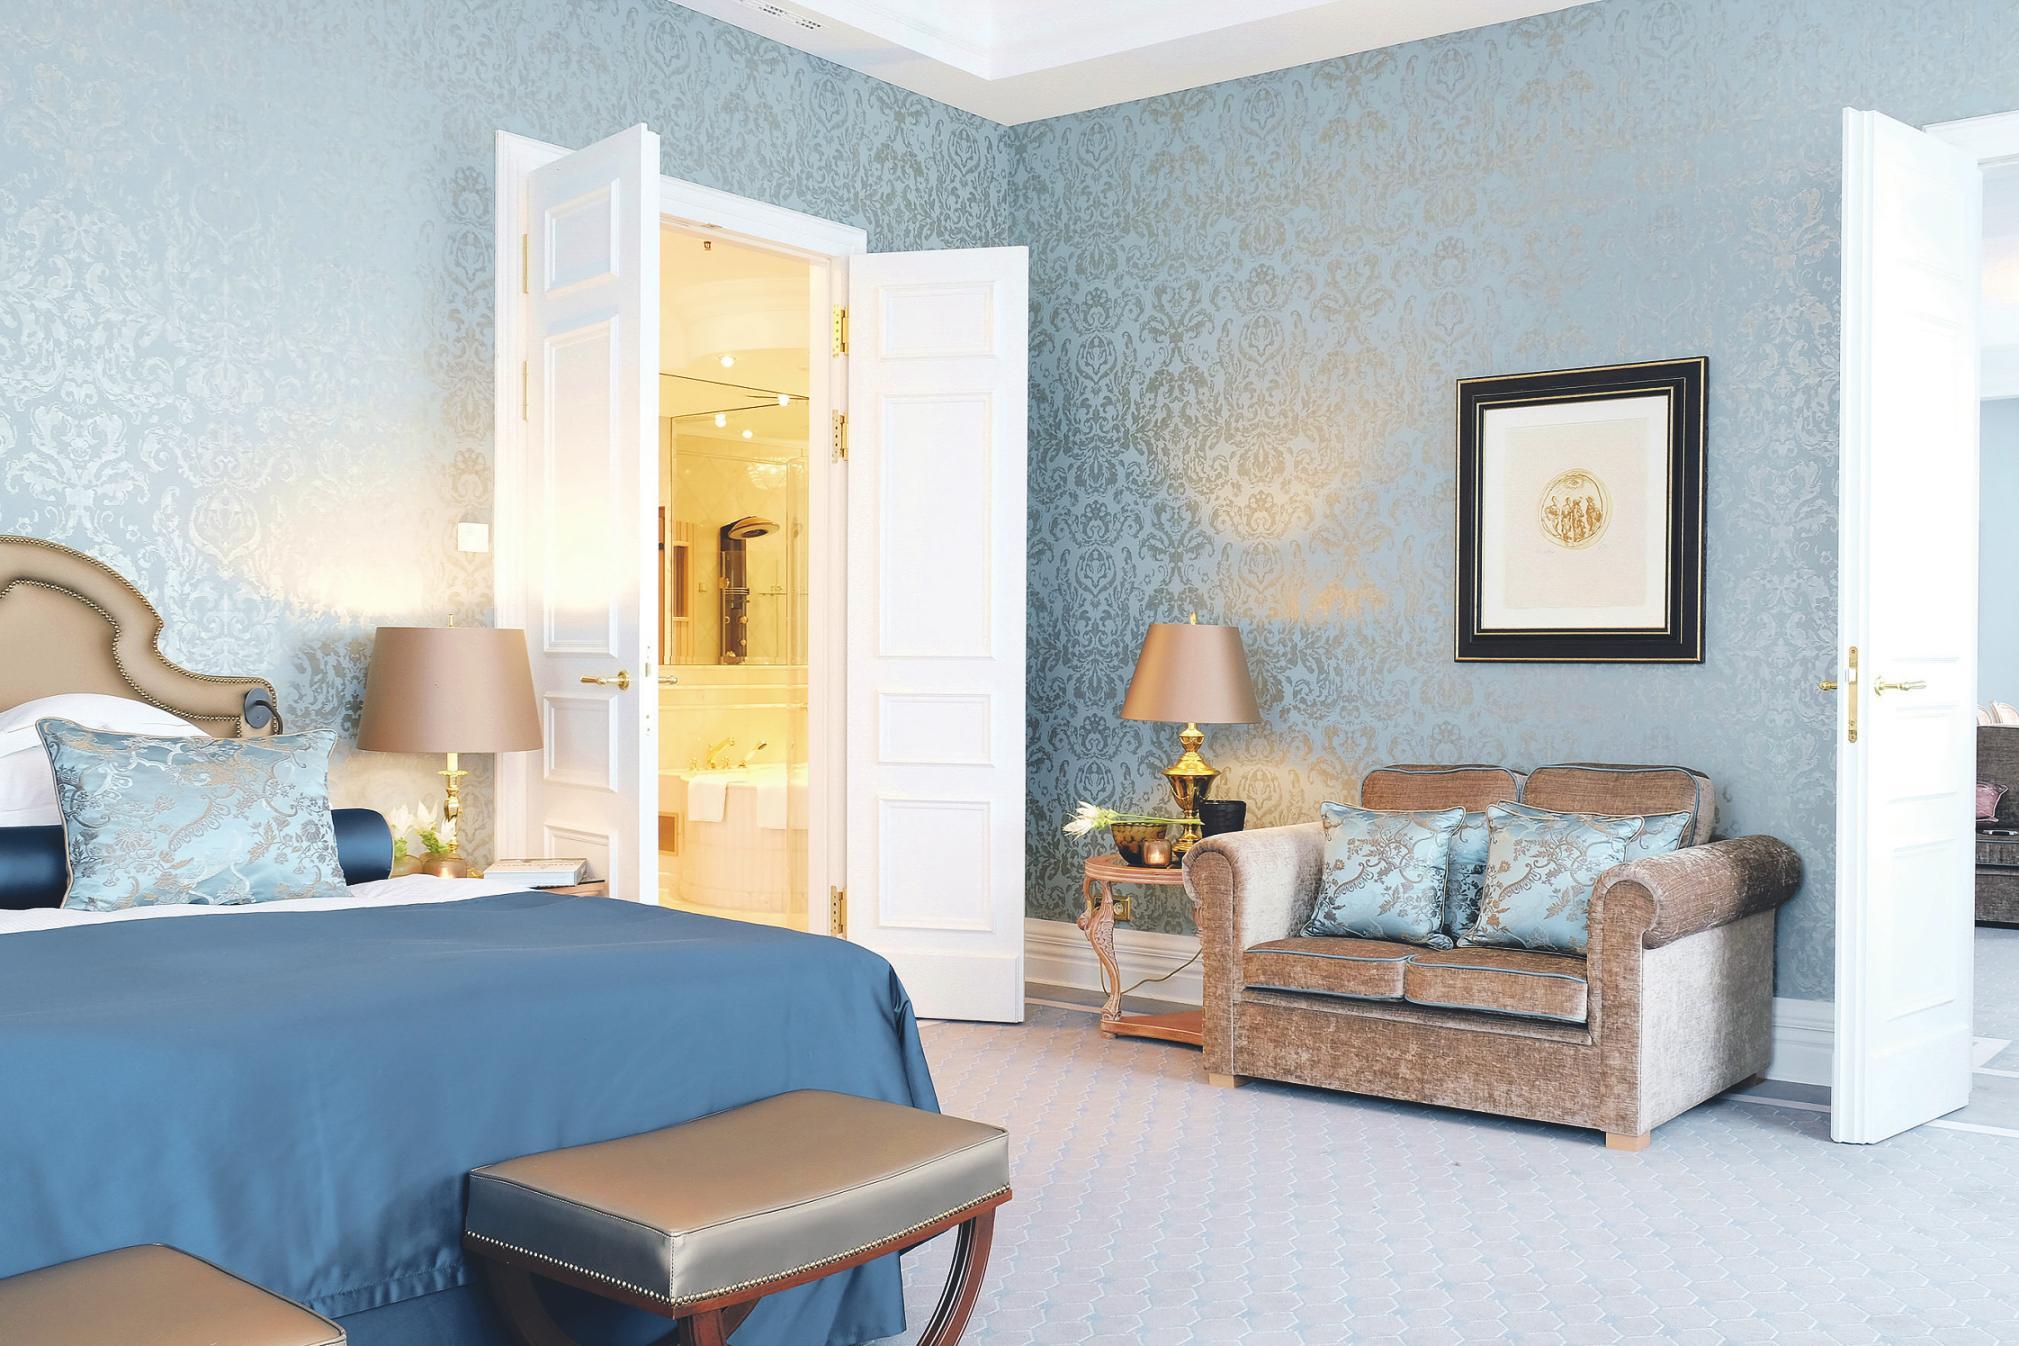 Im gemütlichen Schlafzimmer lässt sich der Tag in der Präsidentensuite in aller Ruhe ausklingen. Bild: Althoff Grandhotel Schloss Bensberg